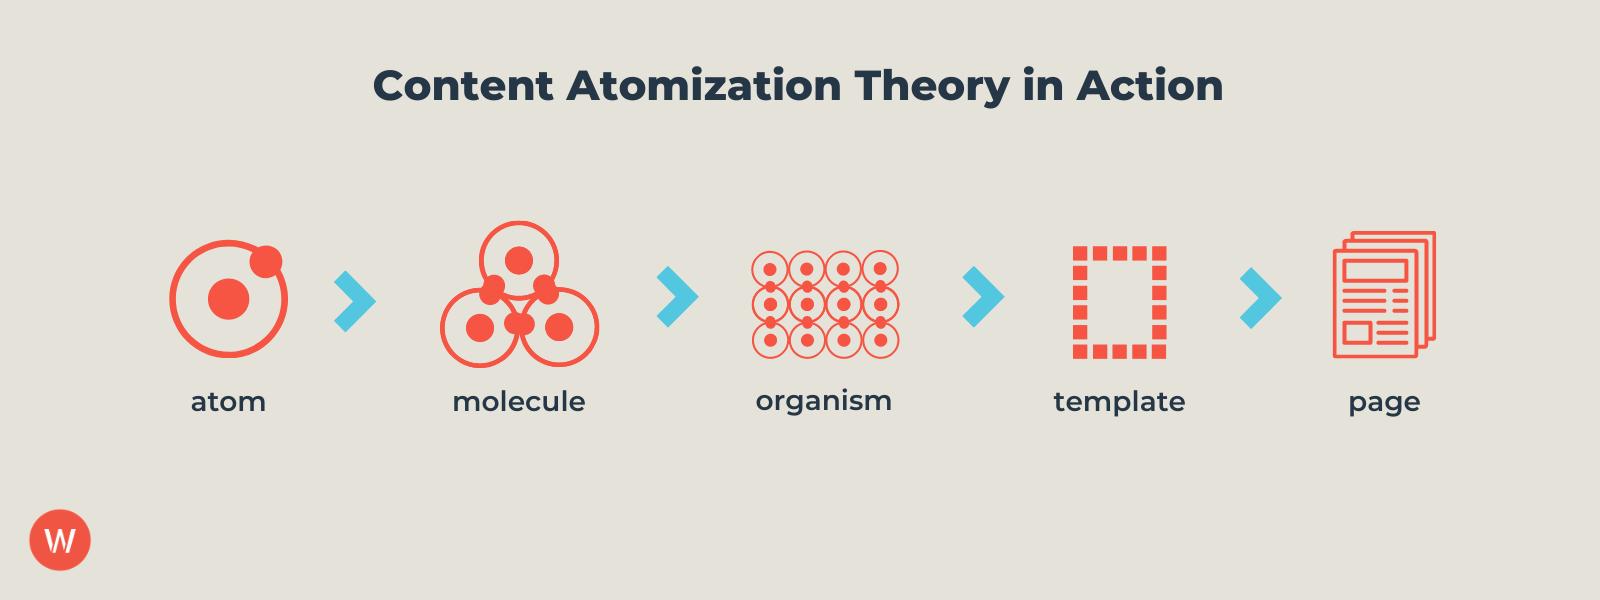 atomic content theory visualization